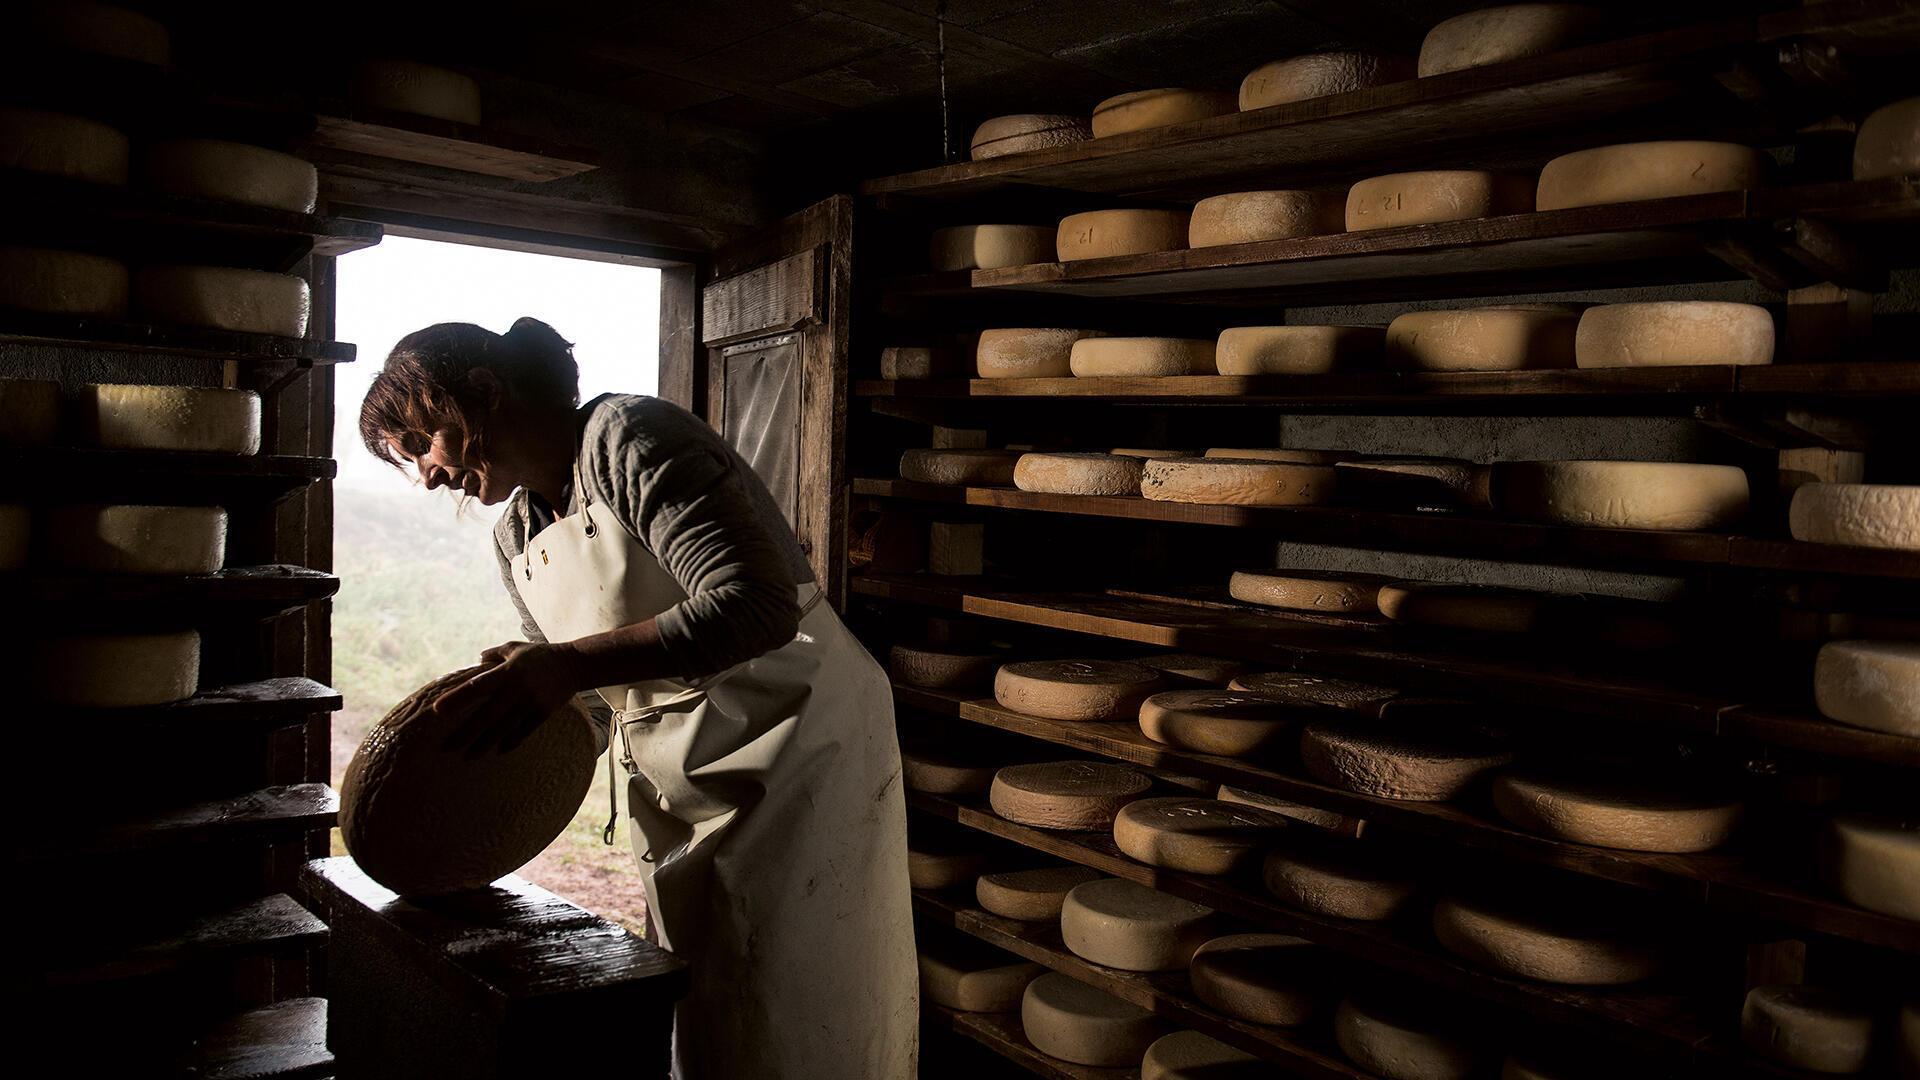 對奶酪情有獨鐘的法國人